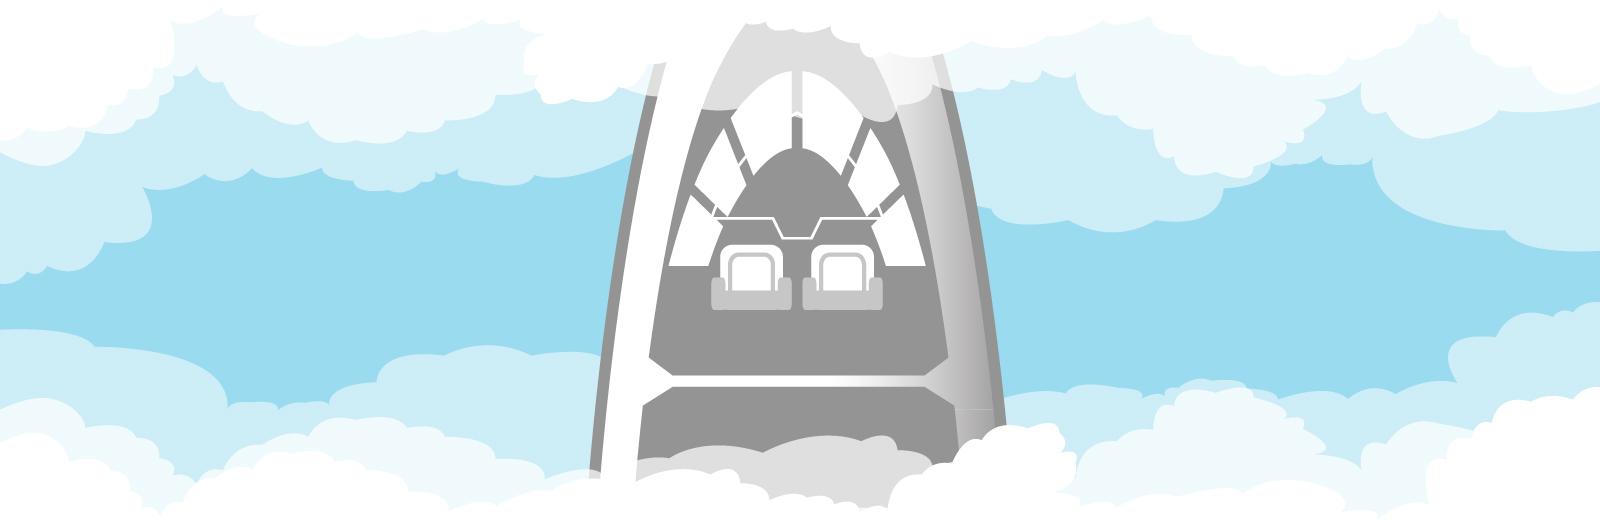 Sofia_Rumpfillu_Cockpit